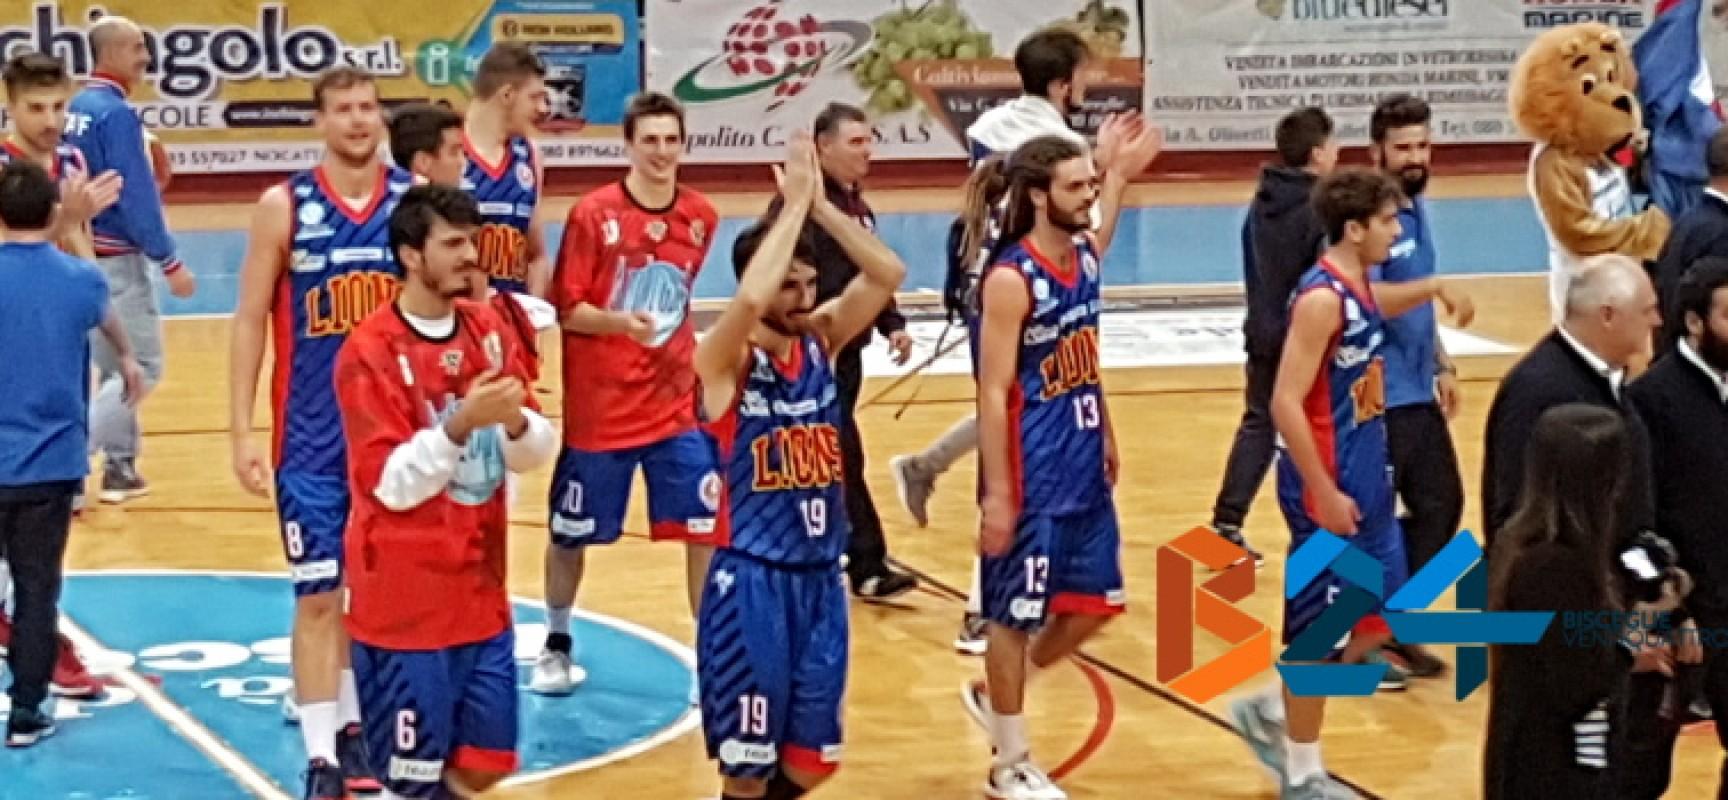 Lions basket al Paladolmen per affrontare Rimini, ci vuole la vittoria scaccia crisi